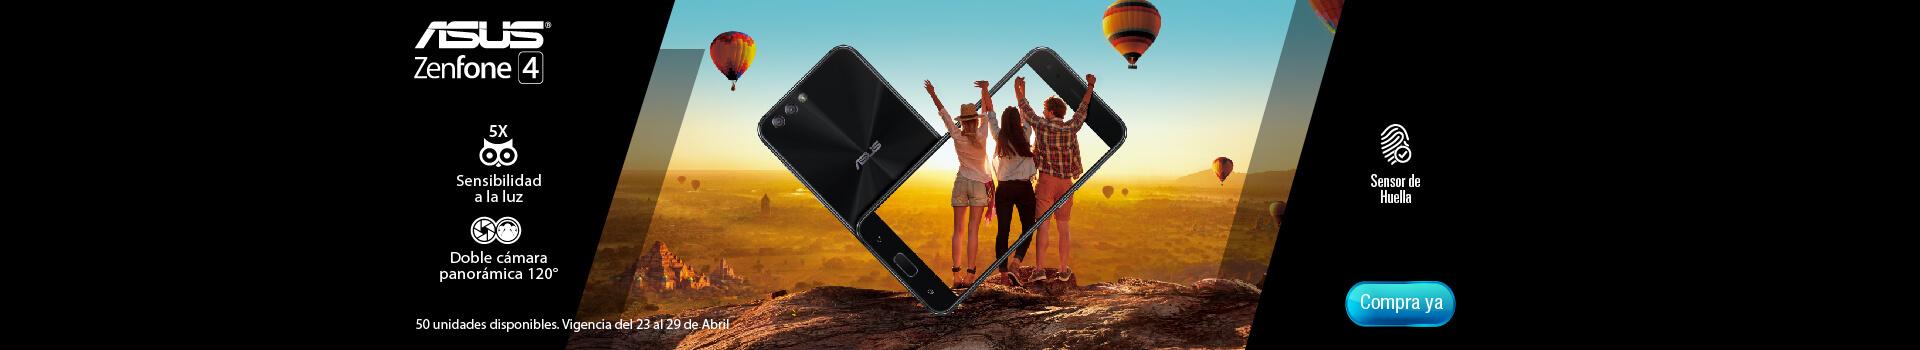 AK-KT-BCAT-7-celulares-PP-EXPM-Asus-Zenfone4-Abr24